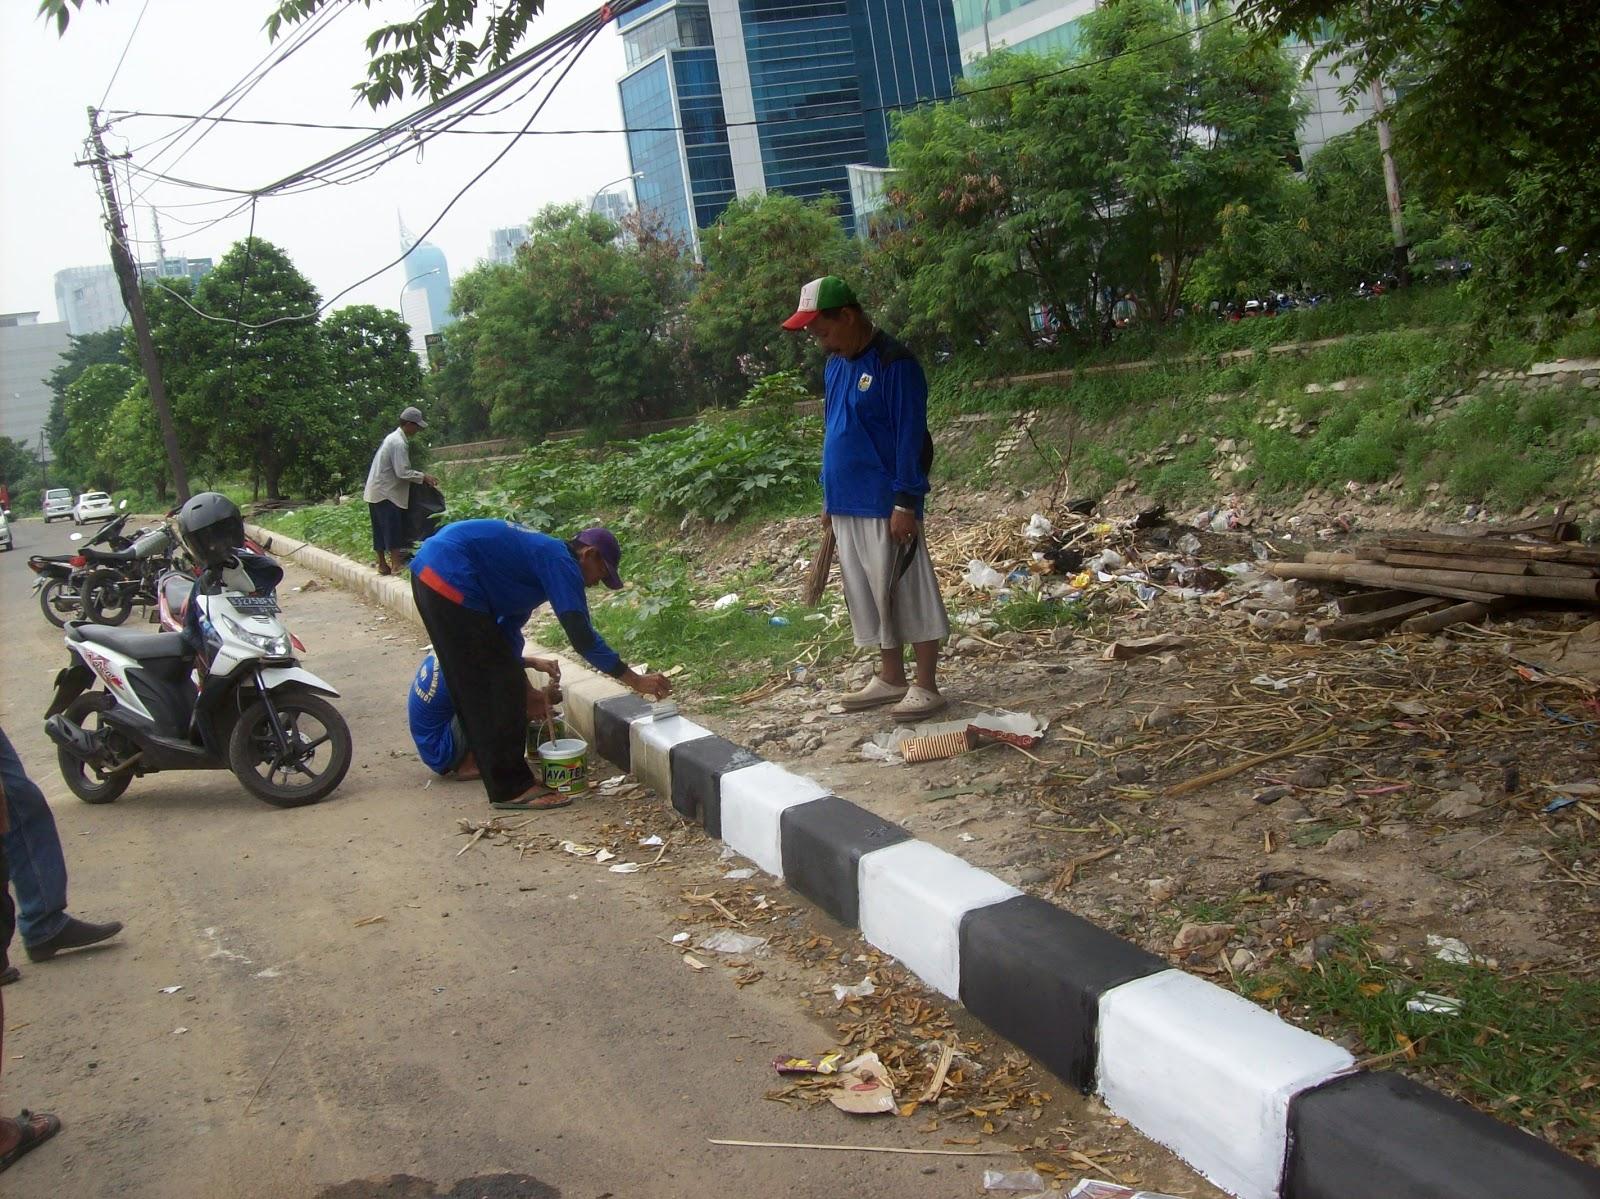 Artikel Pendidikan Dalam Bahasa Jawa Pendidikan Wikipedia Bahasa Indonesia Ensiklopedia Bebas Contoh Pidato Bahasa Inggris Tentang Kebersihan Lingkungan Share The